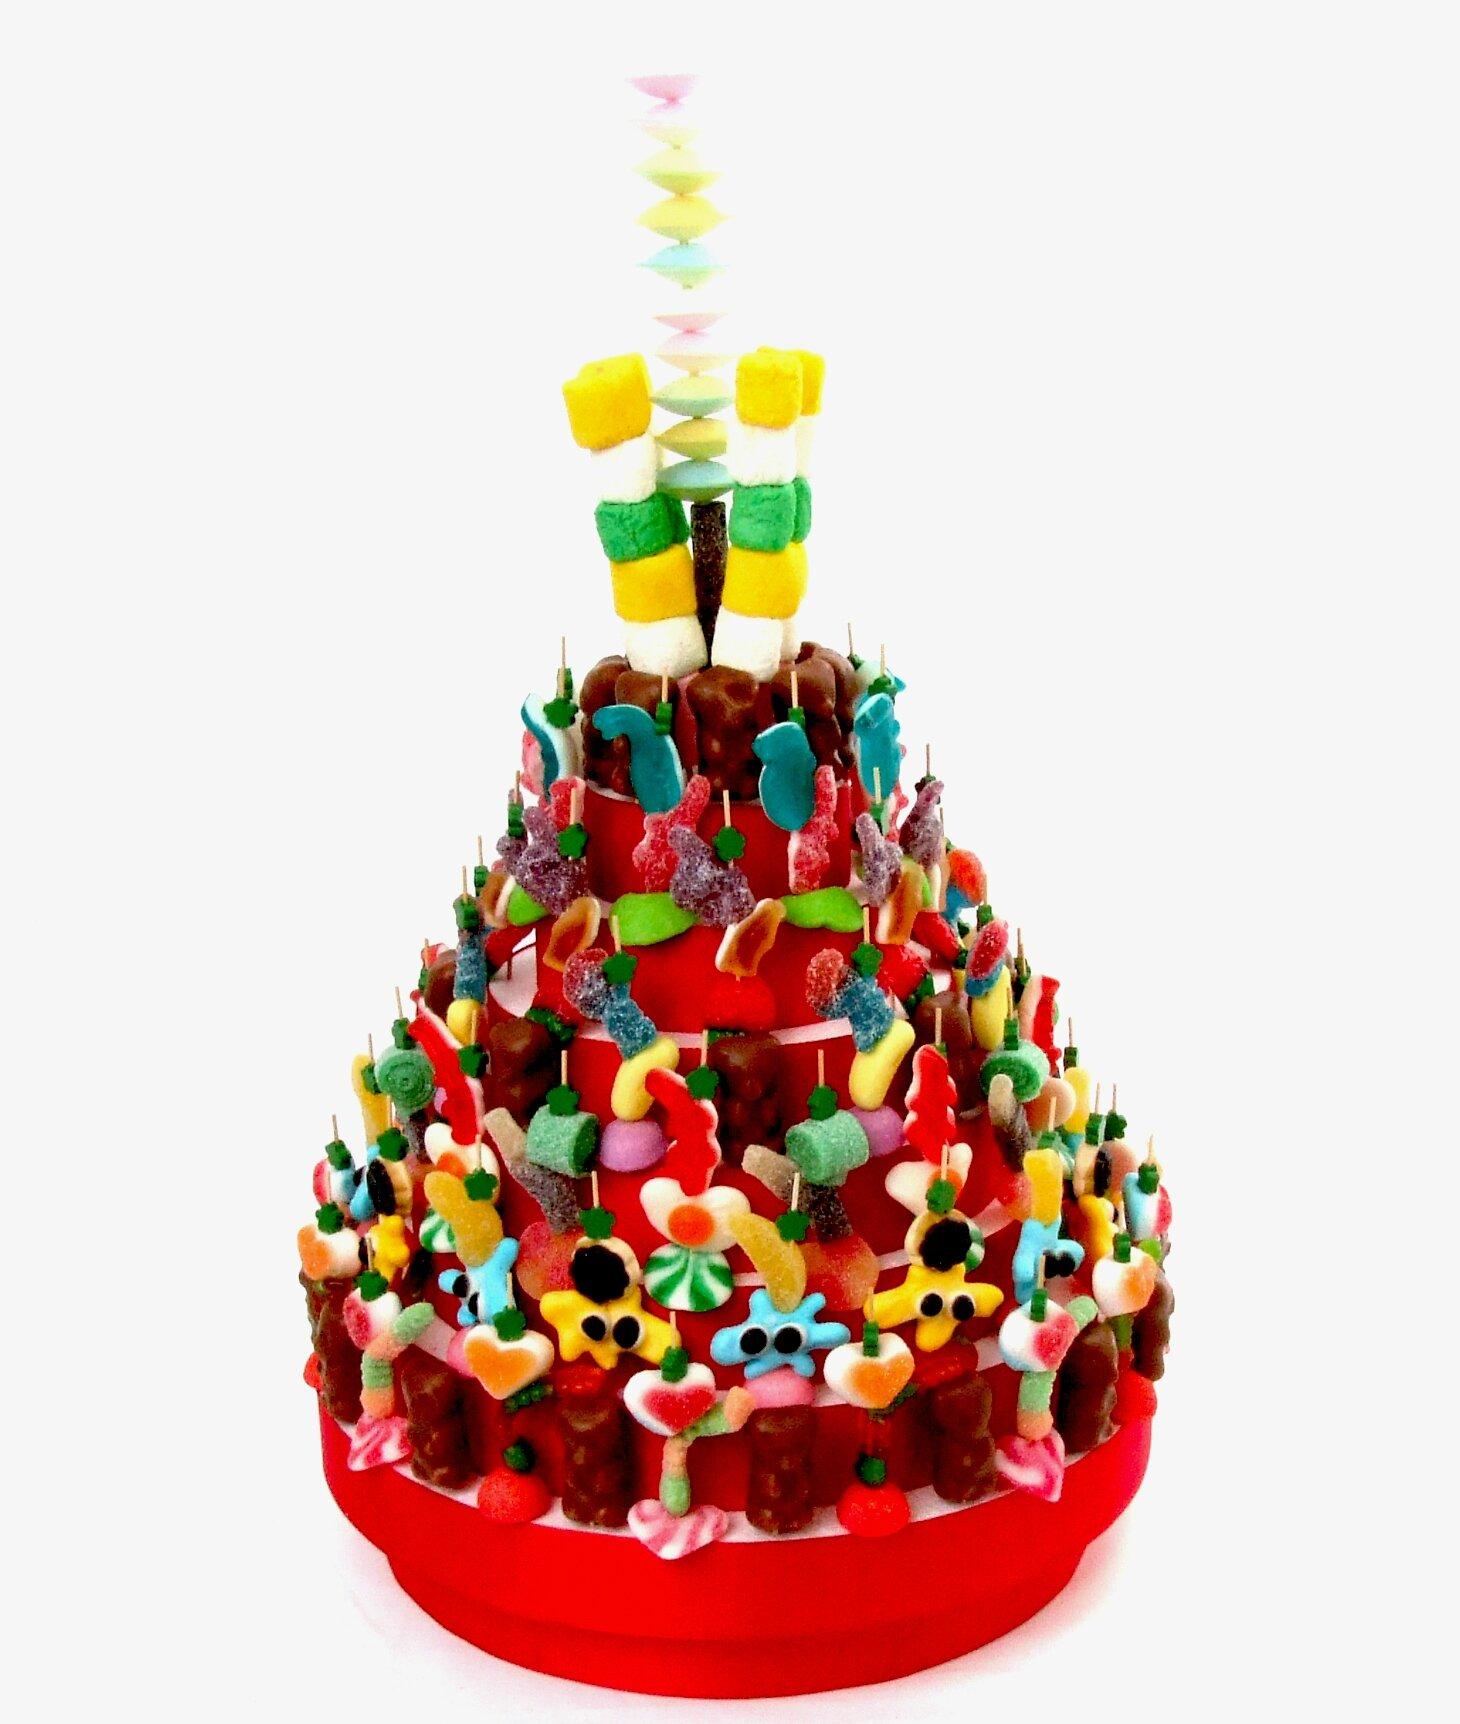 Gâteaux de bonbons. Compositions de bonbons